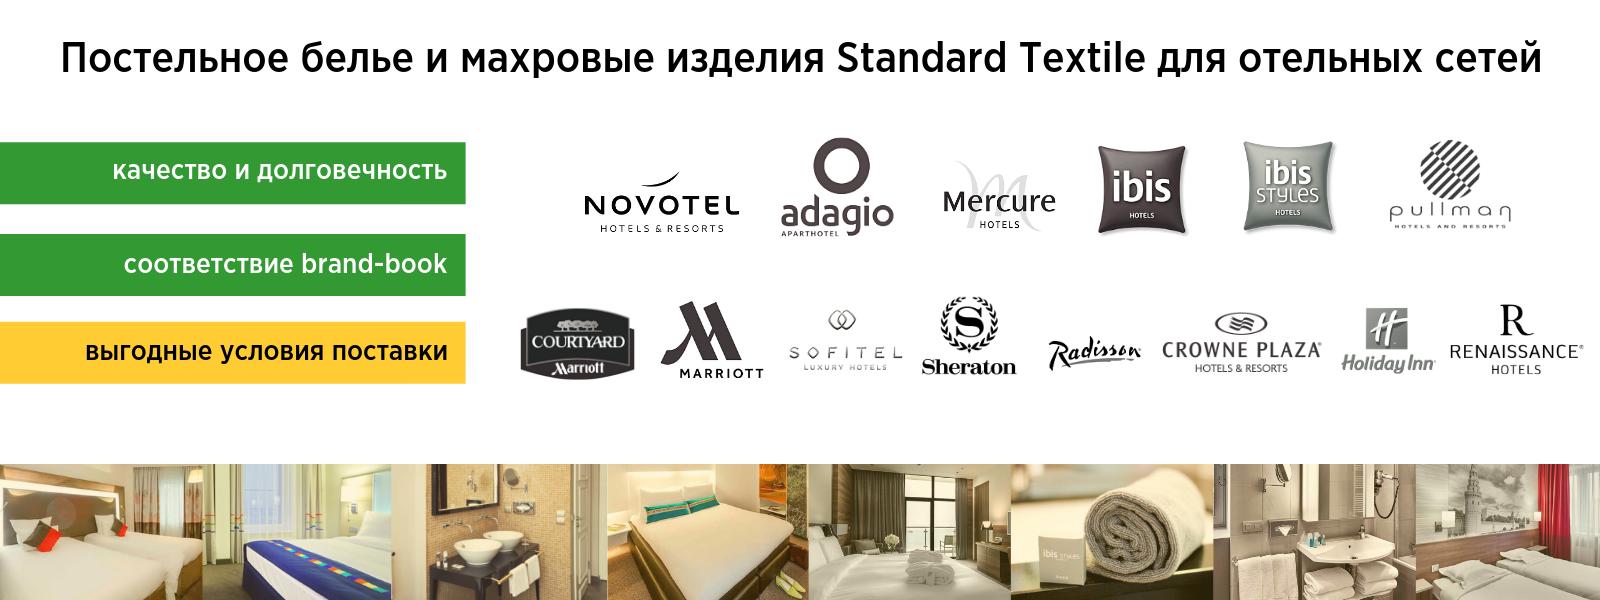 Текстиль для отелей в наличии